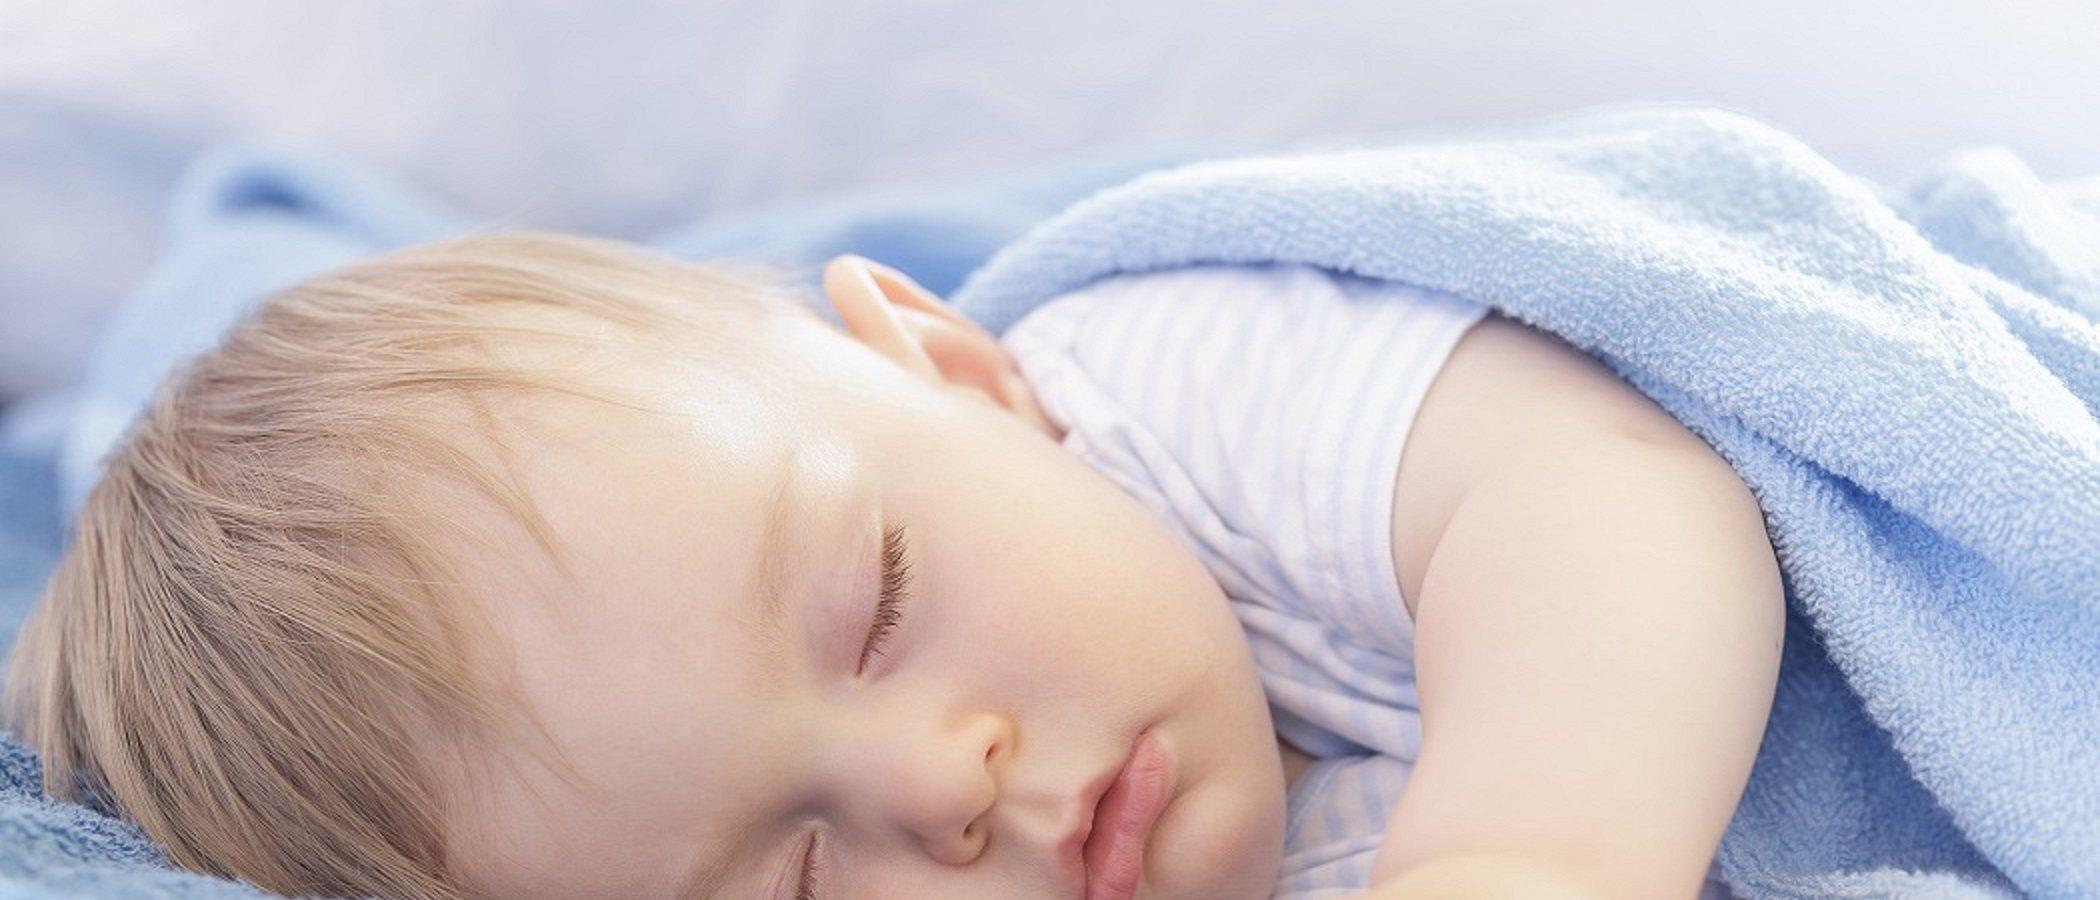 Si tu hijo sale de la cuna solo, ¿ya deberías pasarle a la cama?